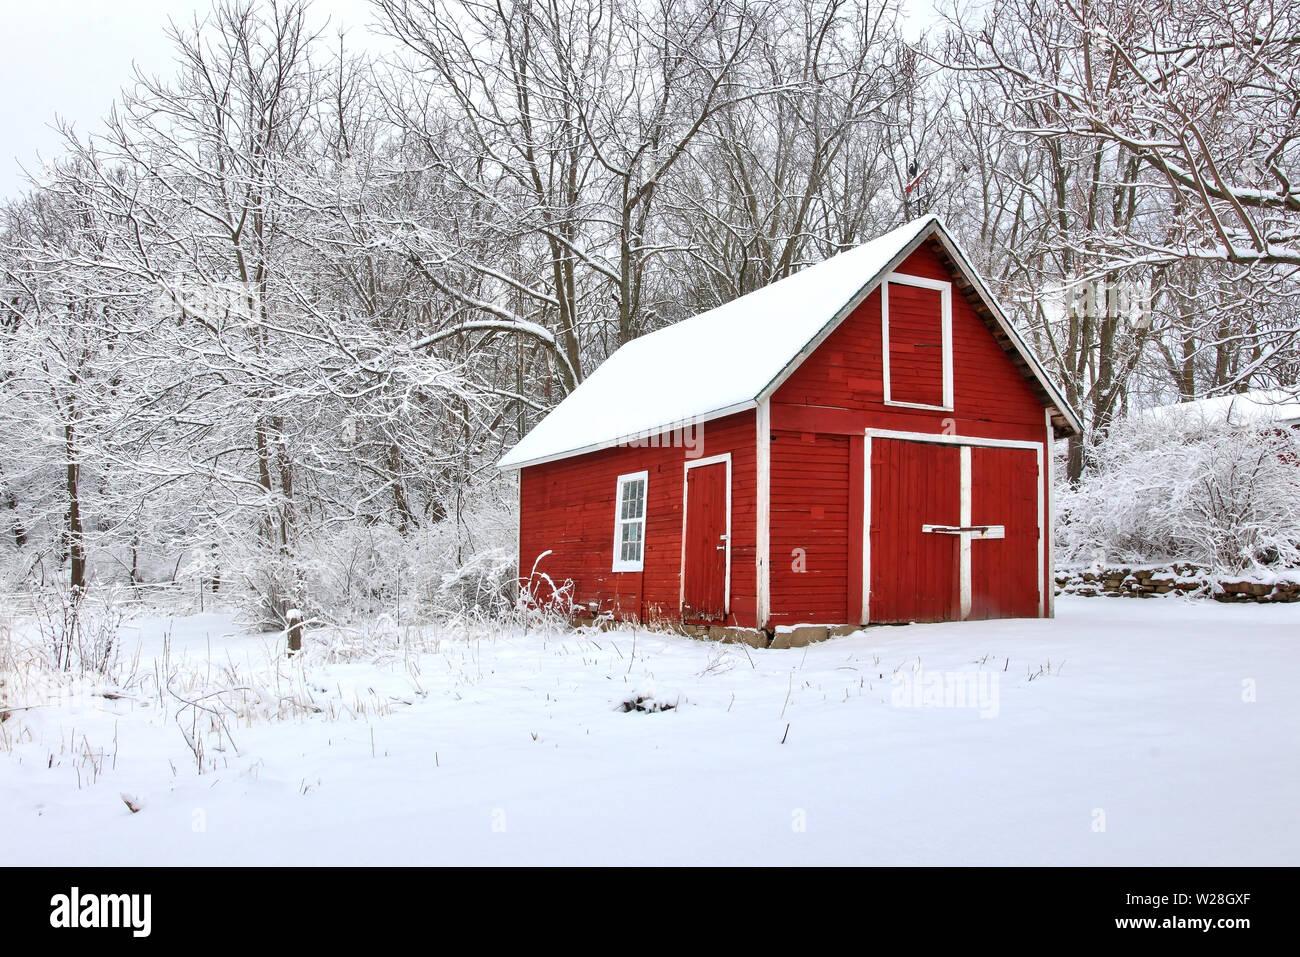 Vista escénica con graneros rojos en la cubierta de nieve fresca Woods. Por la mañana después de la tormenta. La agricultura, la agricultura y la vida rural en invierno de fondo. Foto de stock